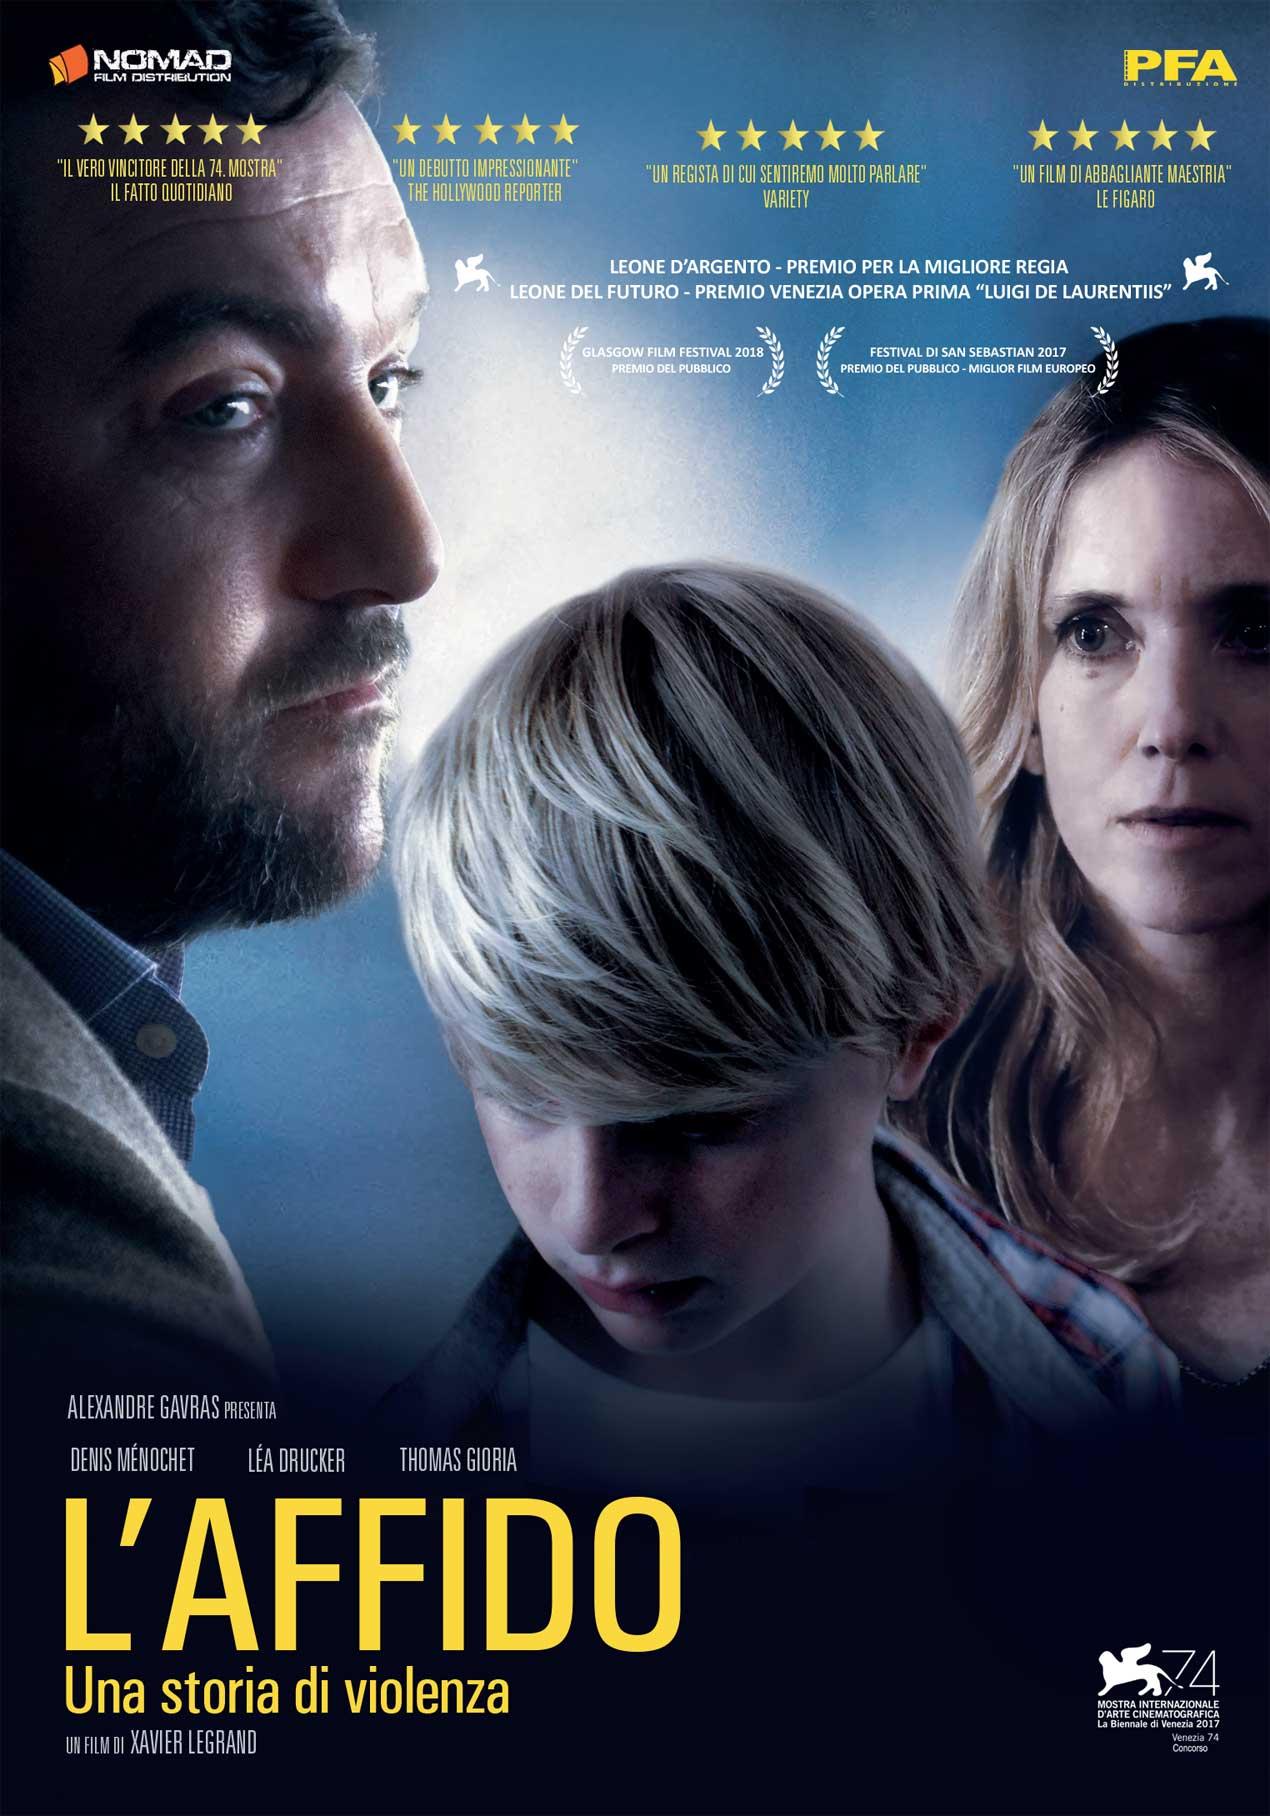 L'AFFIDO - UNA STORIA DI VIOLENZA (DVD)